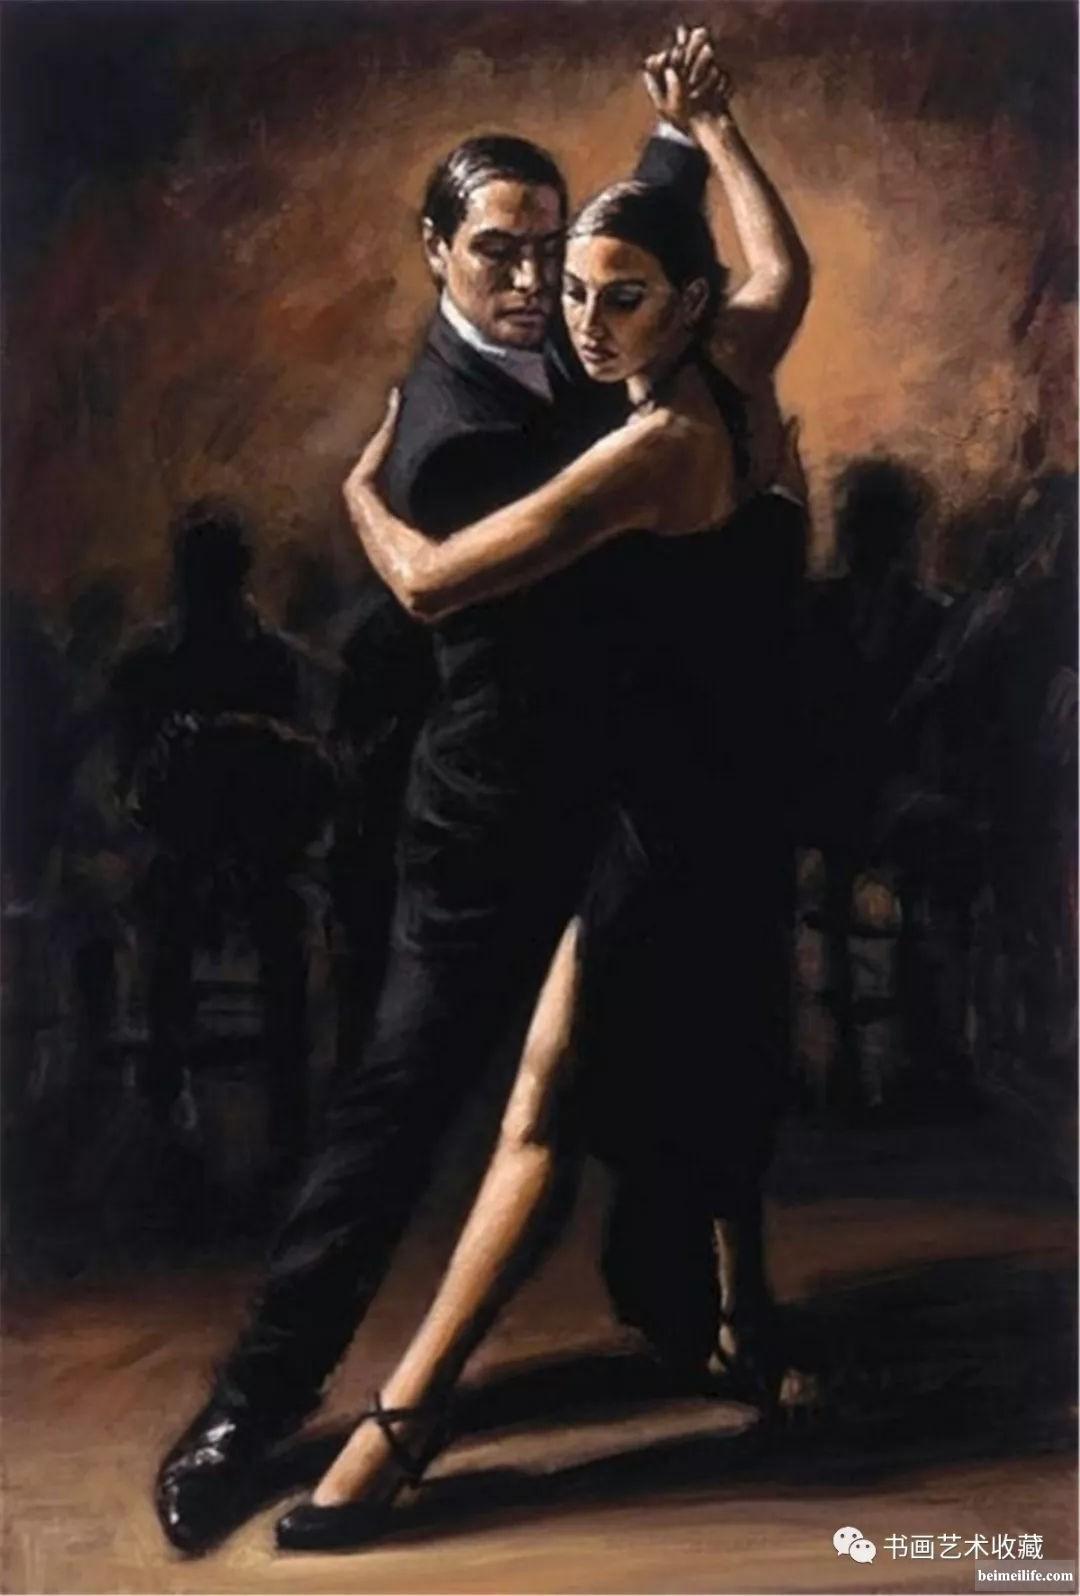 国外绘画:我看见我的灵魂     拥抱着芳香的身体